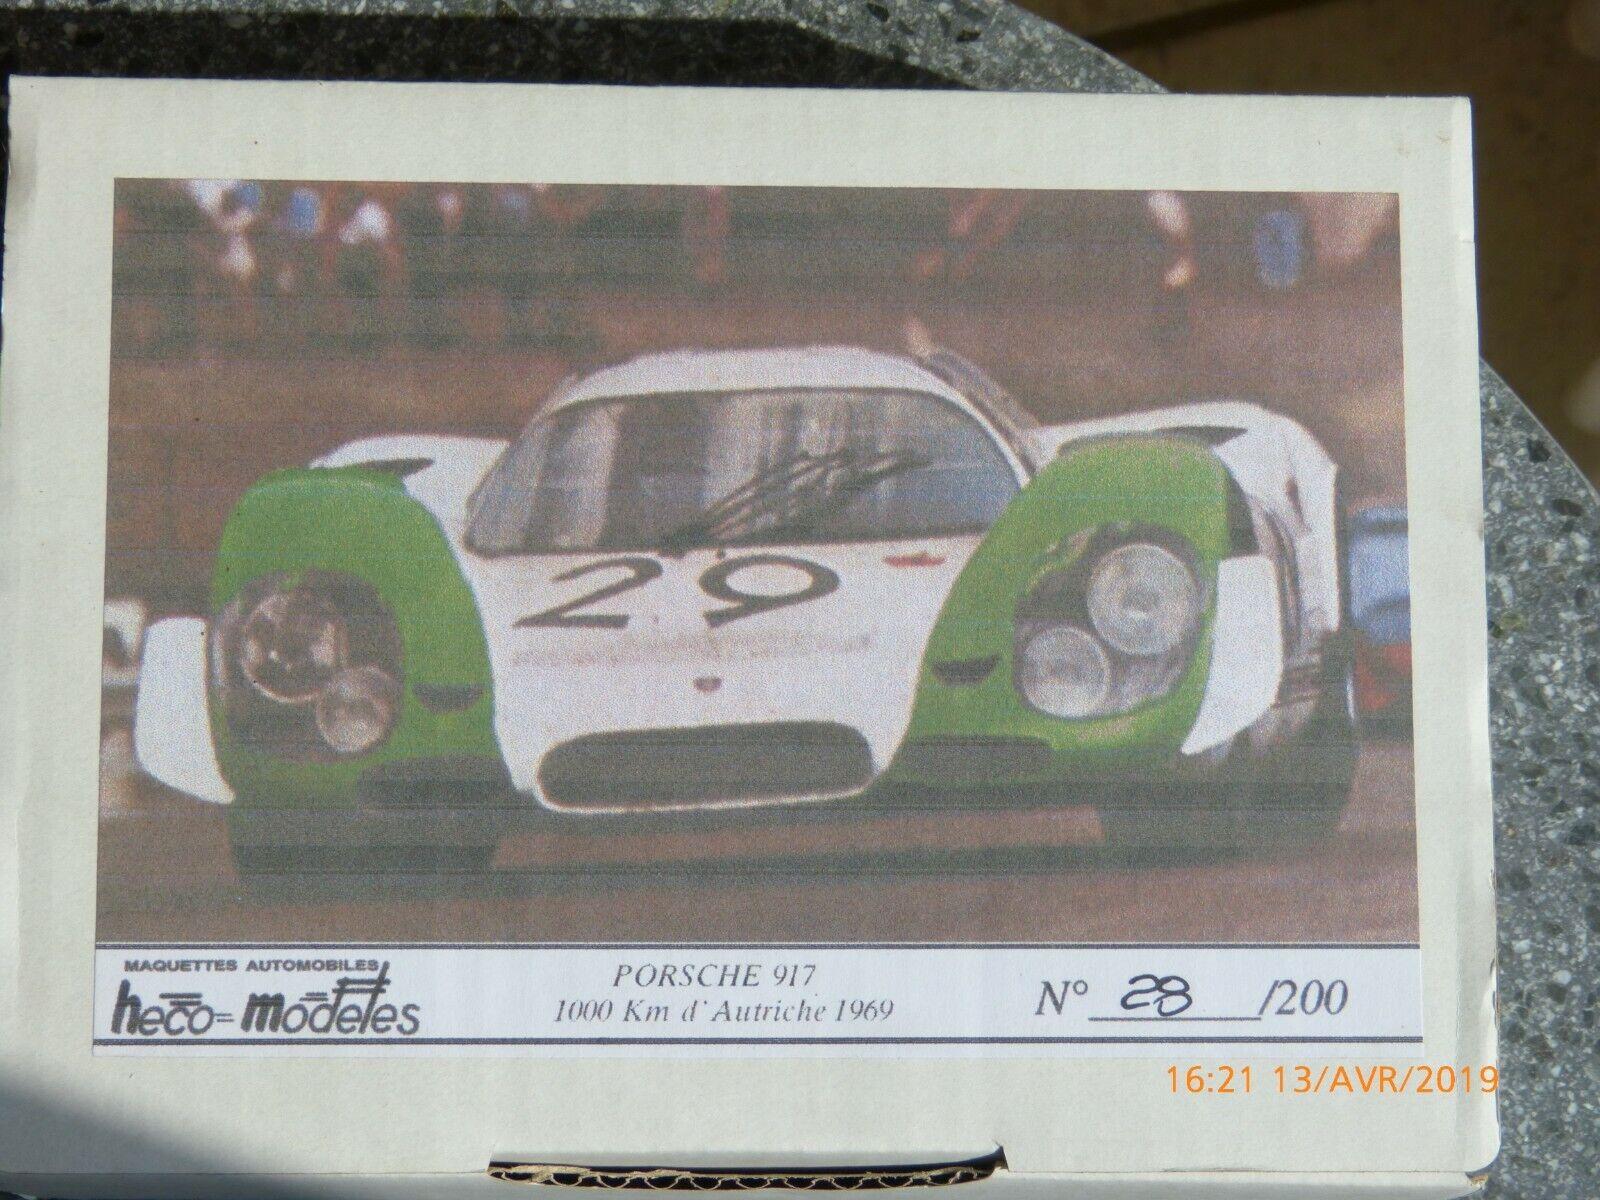 venta con alto descuento Heco Modeles-Porsche Modeles-Porsche Modeles-Porsche 917-1969-1000-Km d'Autriche-1-43 Édition limitée  Venta en línea precio bajo descuento